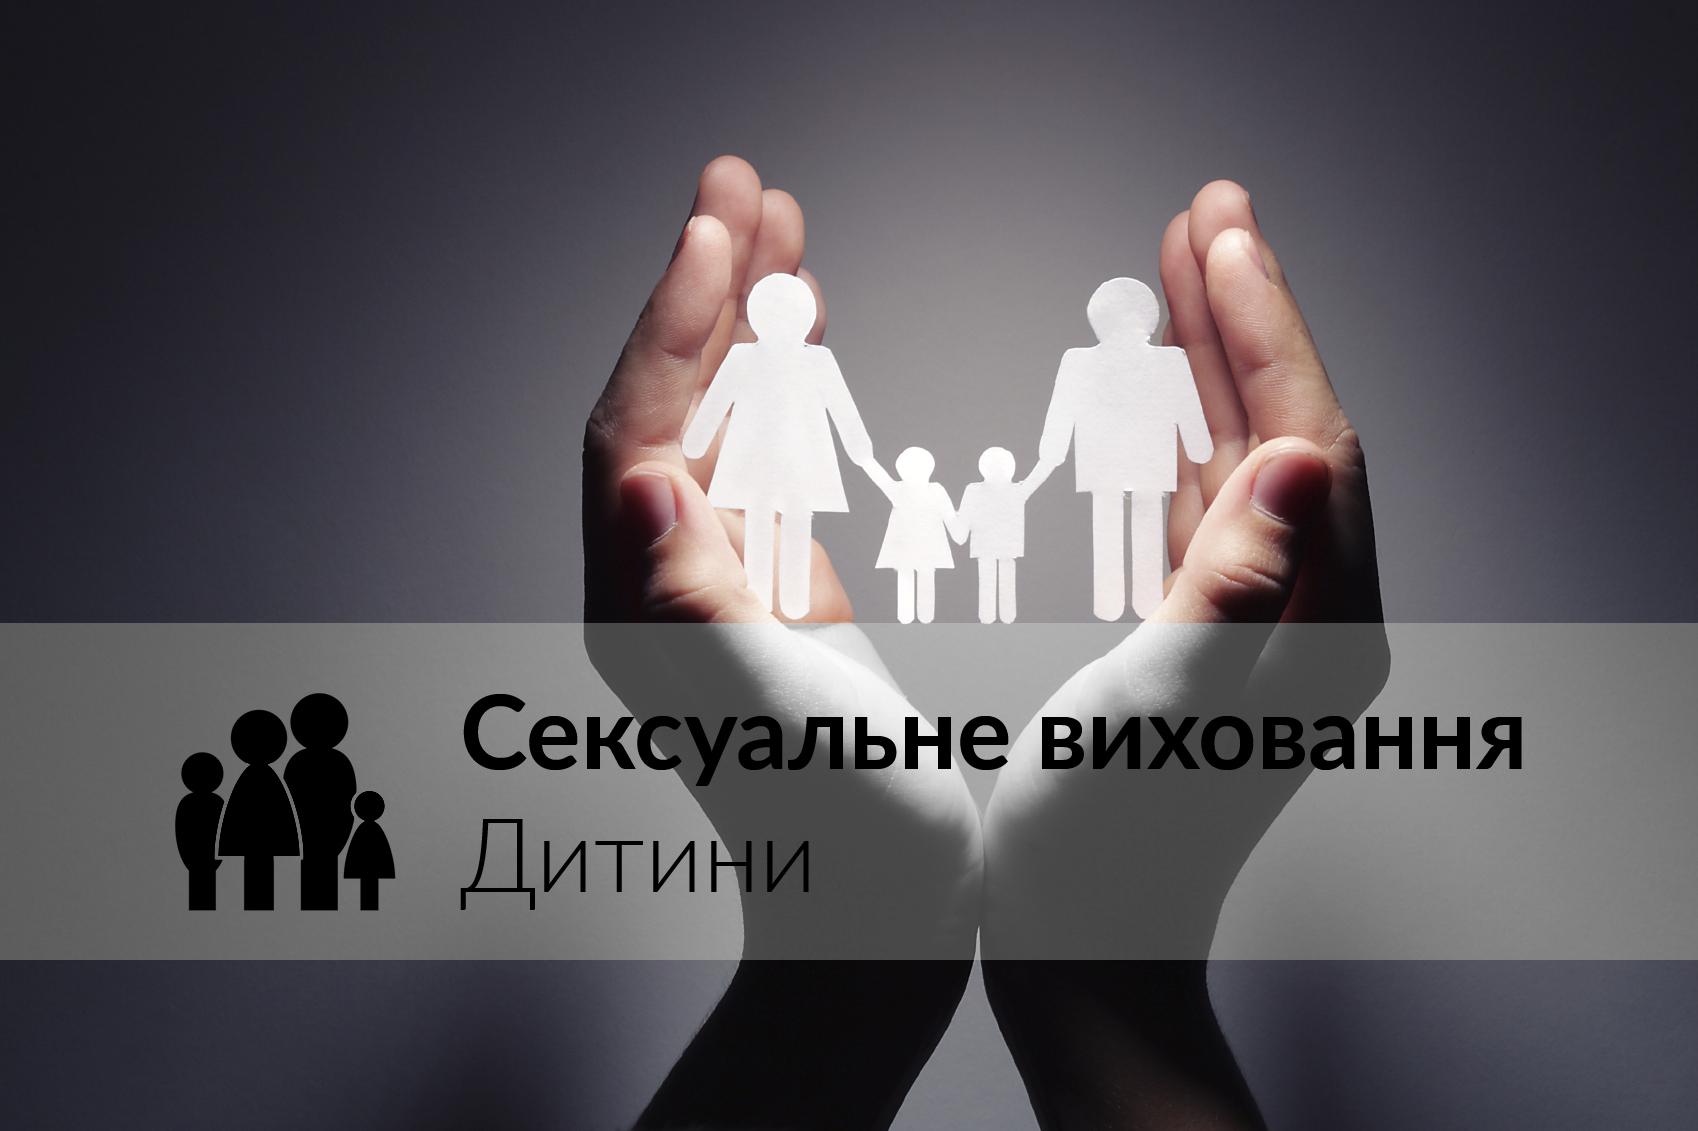 Сексуальне виховання дитини